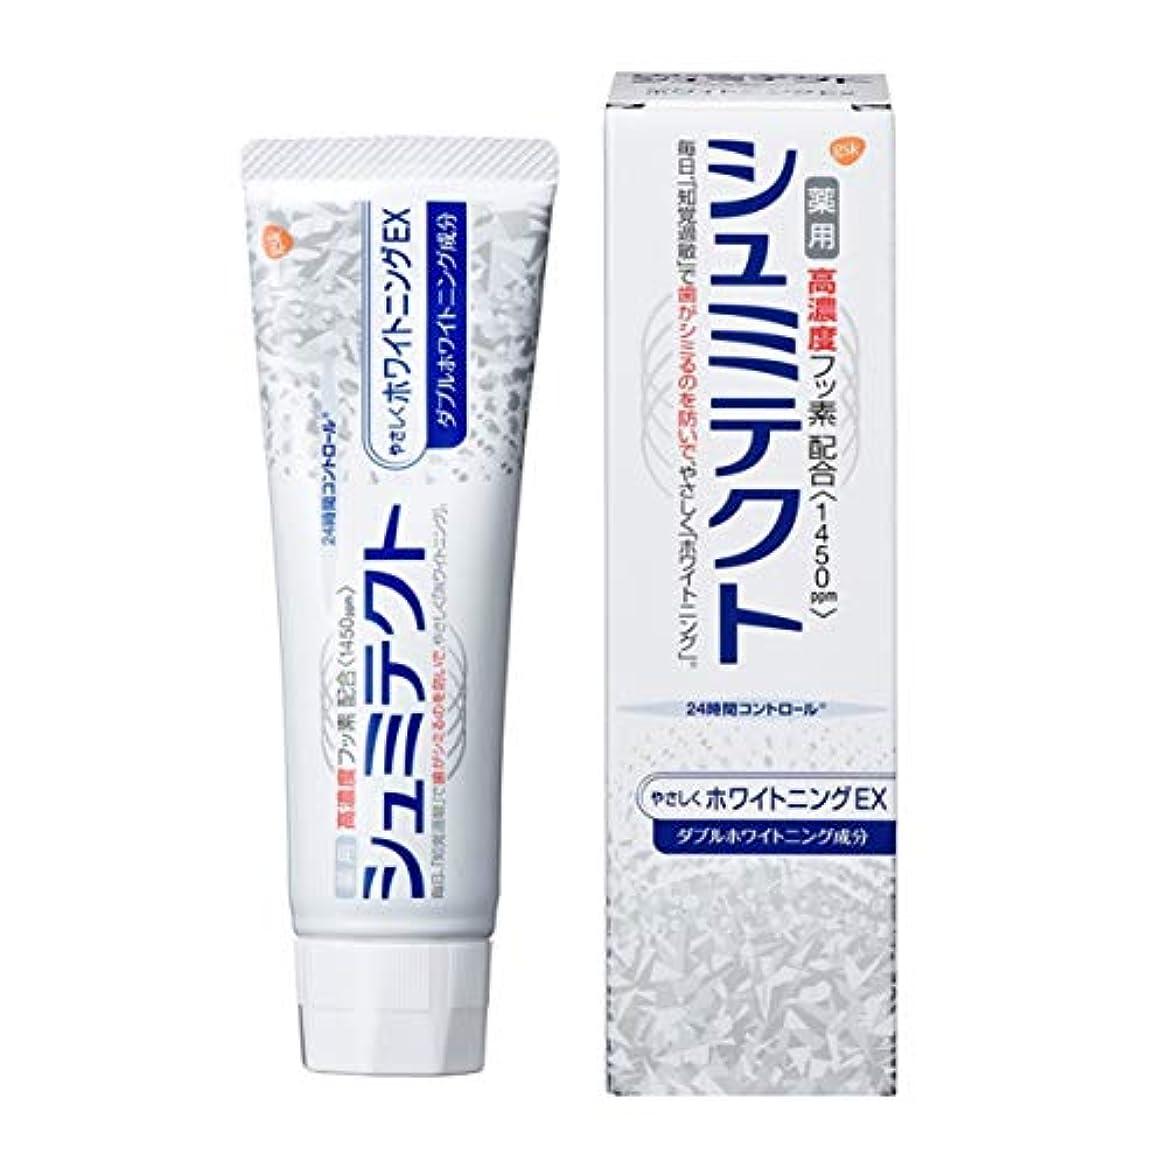 一見締め切り適度に薬用シュミテクト やさしくホワイトニングEX 高濃度フッ素配合 <1450ppm> 知覚過敏予防 歯磨き粉 90g